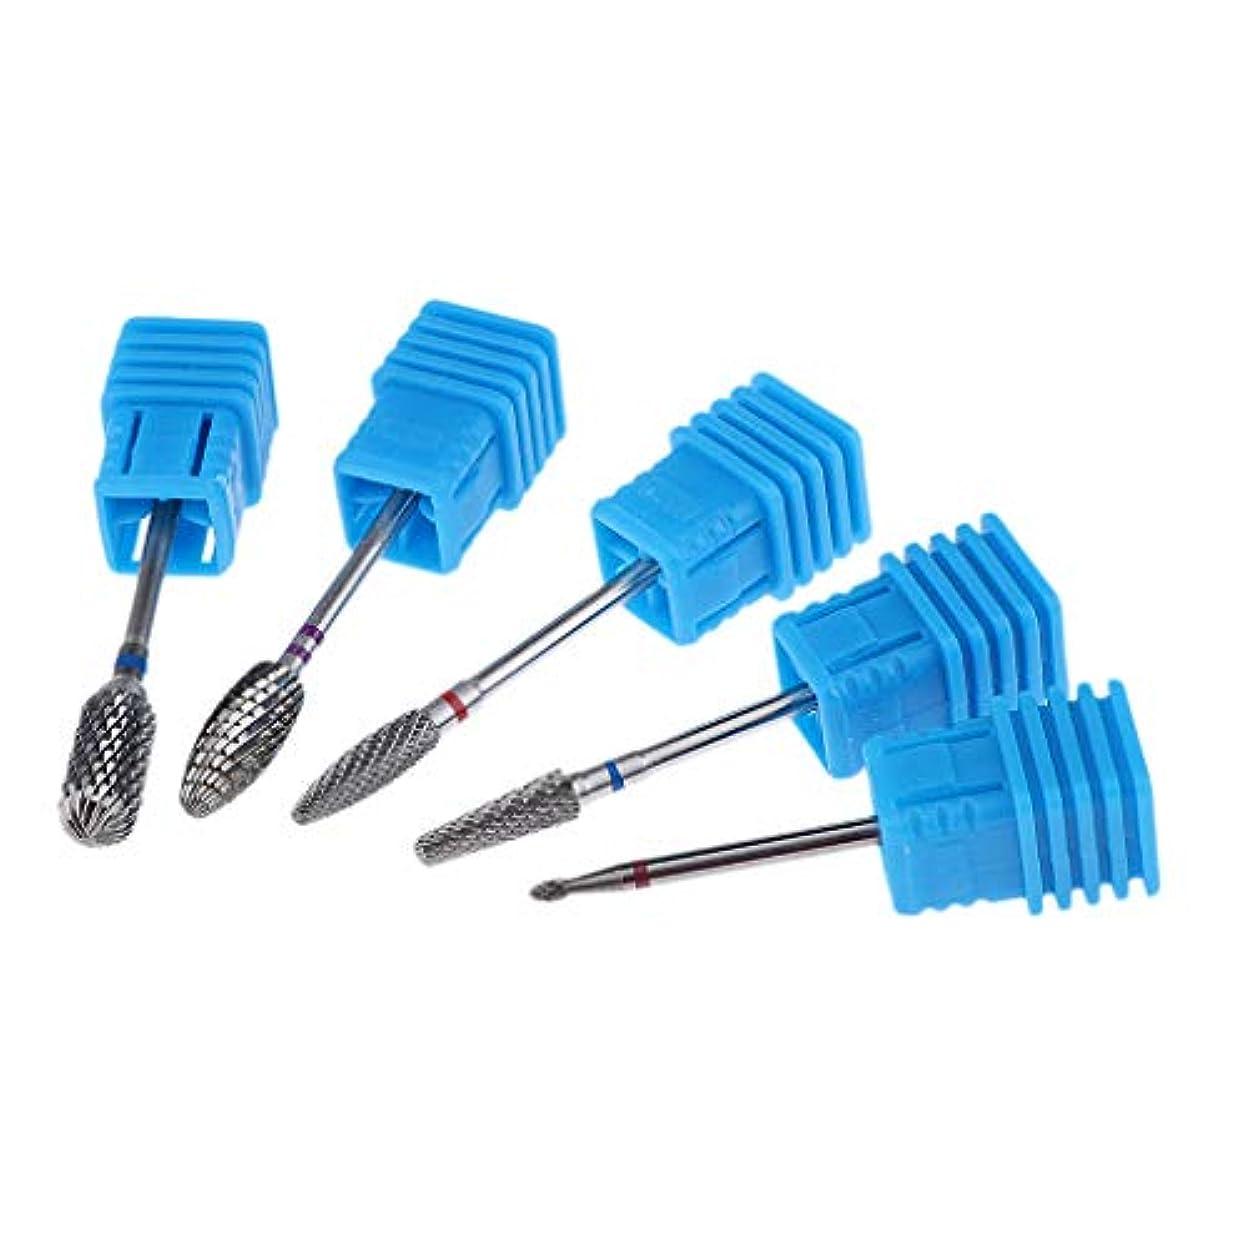 気をつけて参照するピュー5倍ネイルドリルビットセットバレルヘッド電動ドリルビット粗研削工具